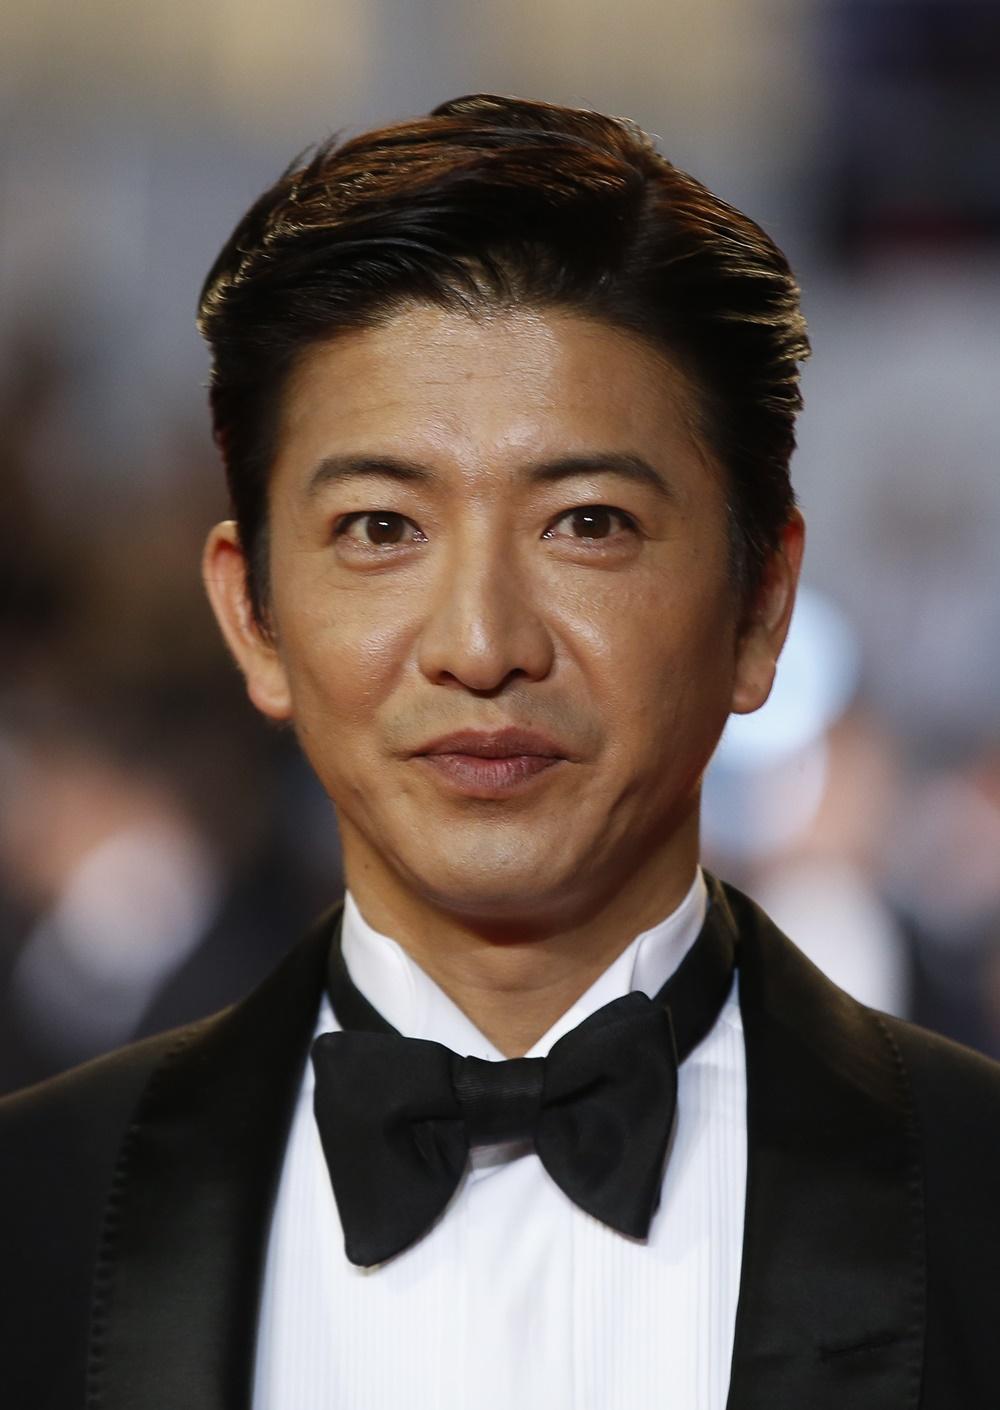 木村為新片《無限之住人》的男主角。AP